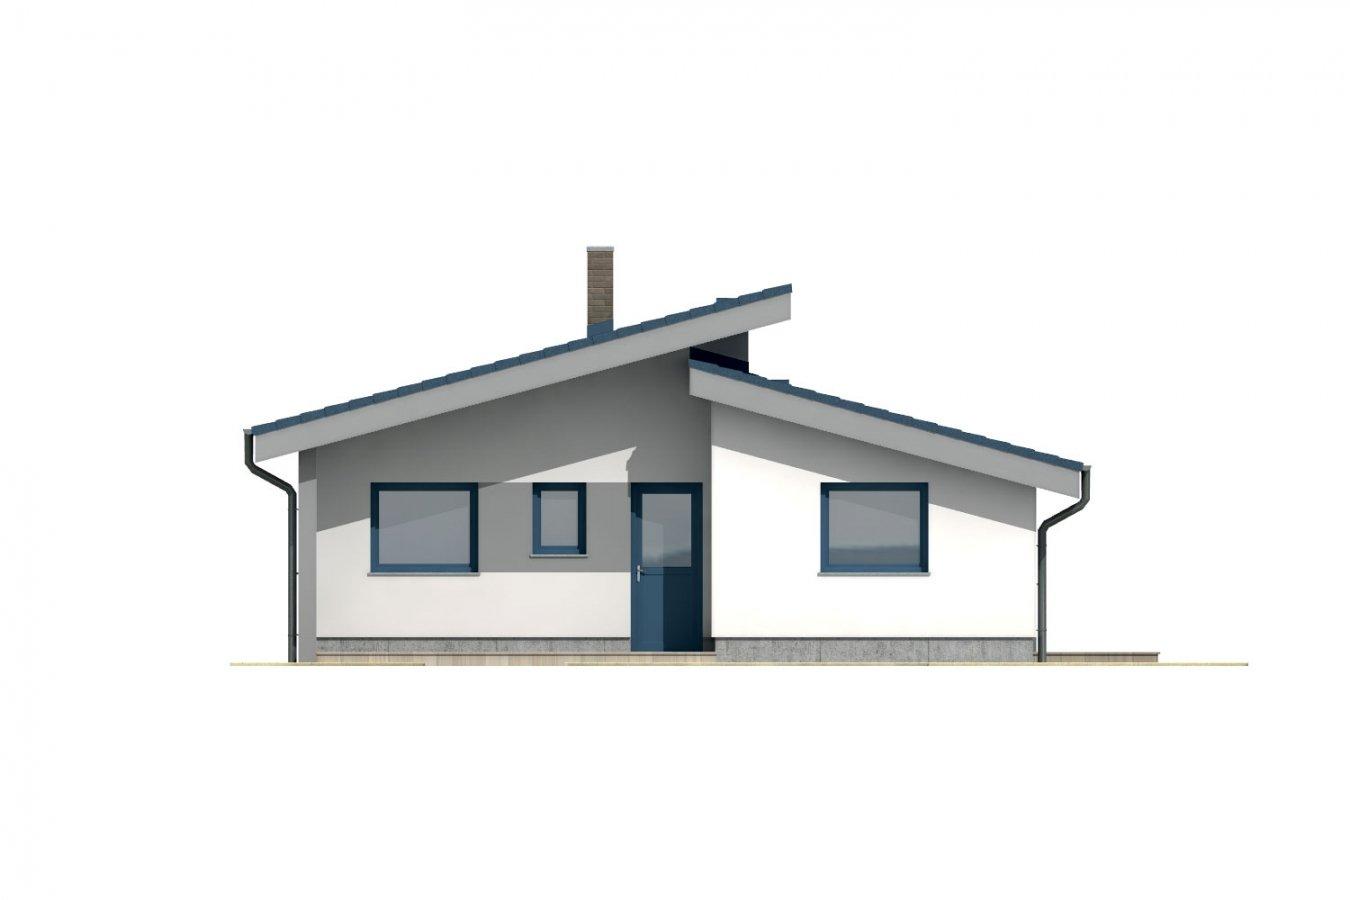 Pohľad 1. - Rodinný dom s pultovou strechou.